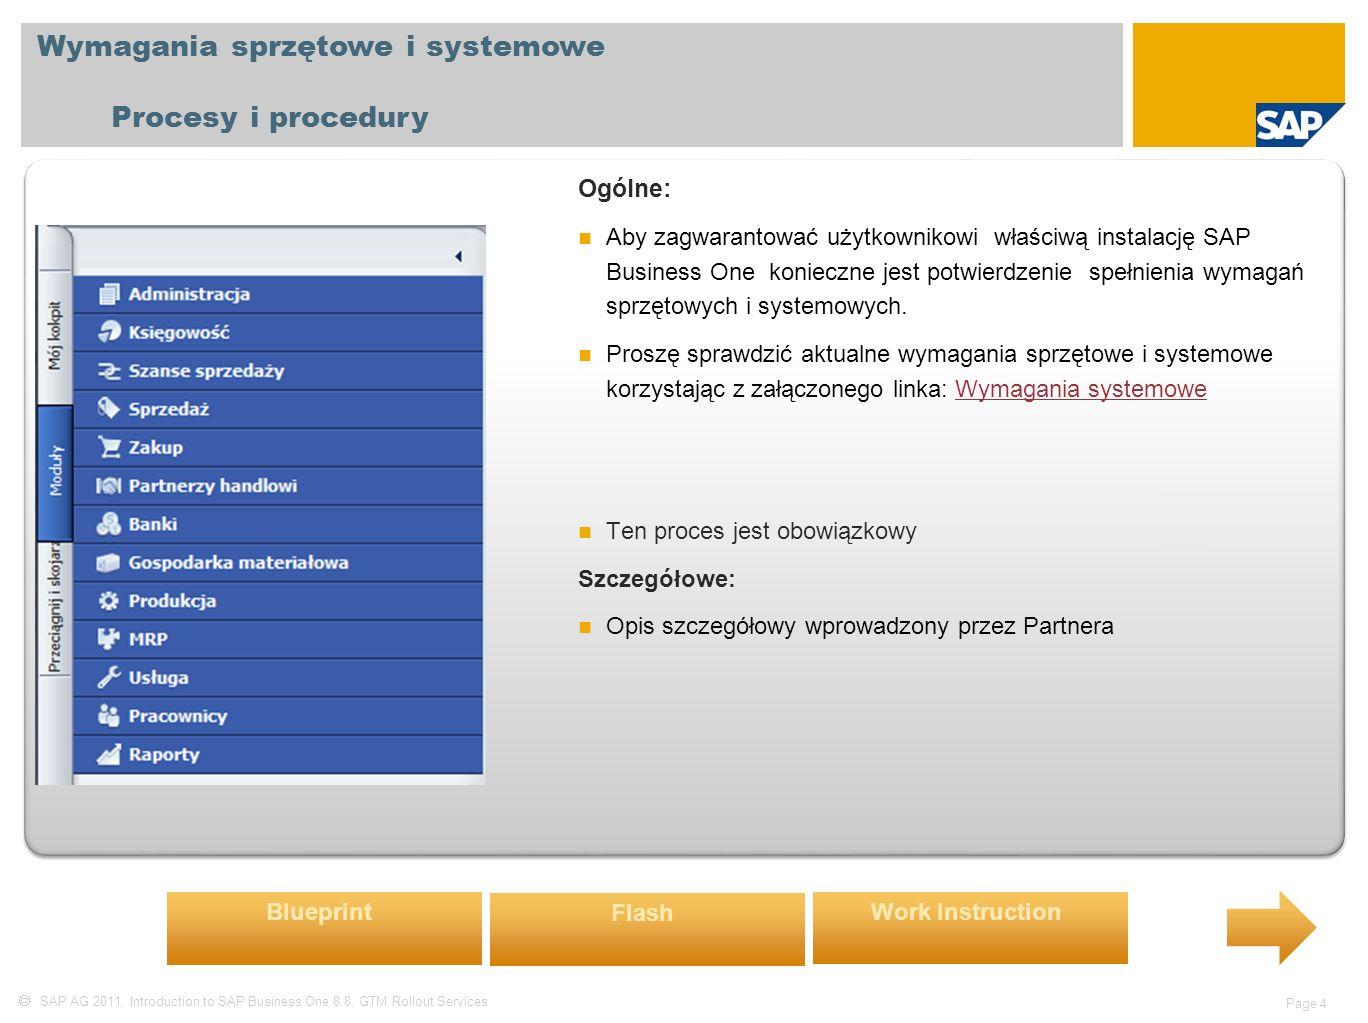  SAP AG 2011, Introduction to SAP Business One 8.8, GTM Rollout Services Page 4 Wymagania sprzętowe i systemowe Procesy i procedury Ogólne: Aby zagwarantować użytkownikowi właściwą instalację SAP Business One konieczne jest potwierdzenie spełnienia wymagań sprzętowych i systemowych.